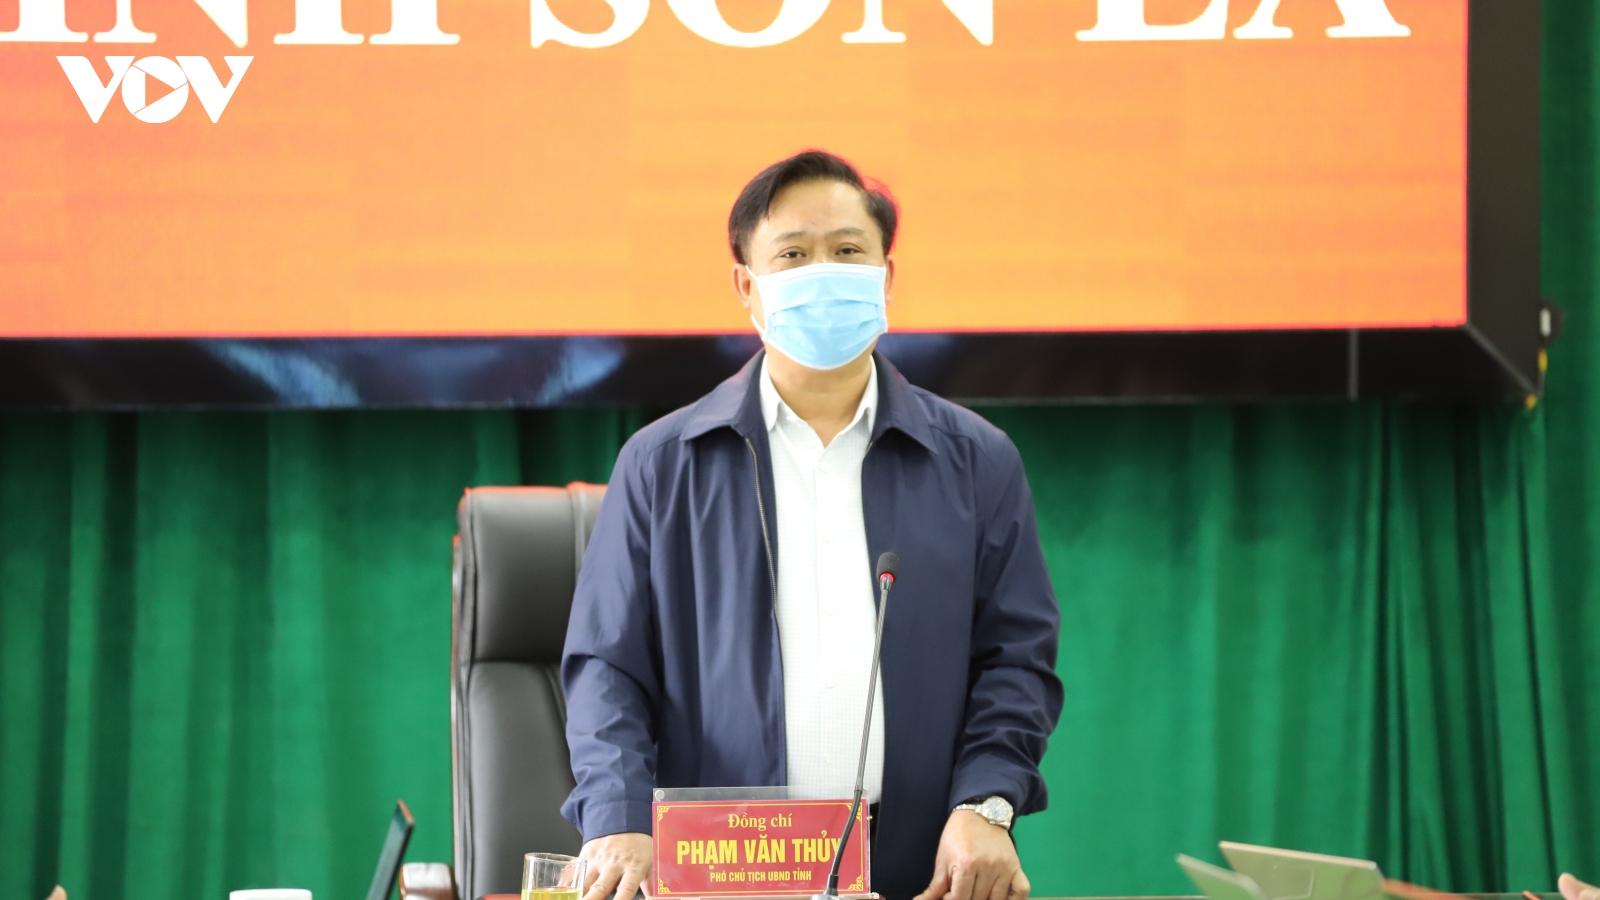 Sơn La khẩn trương truy vết người liên quan đến chuyến xe khách từ Hải Phòng lên Điện Biên